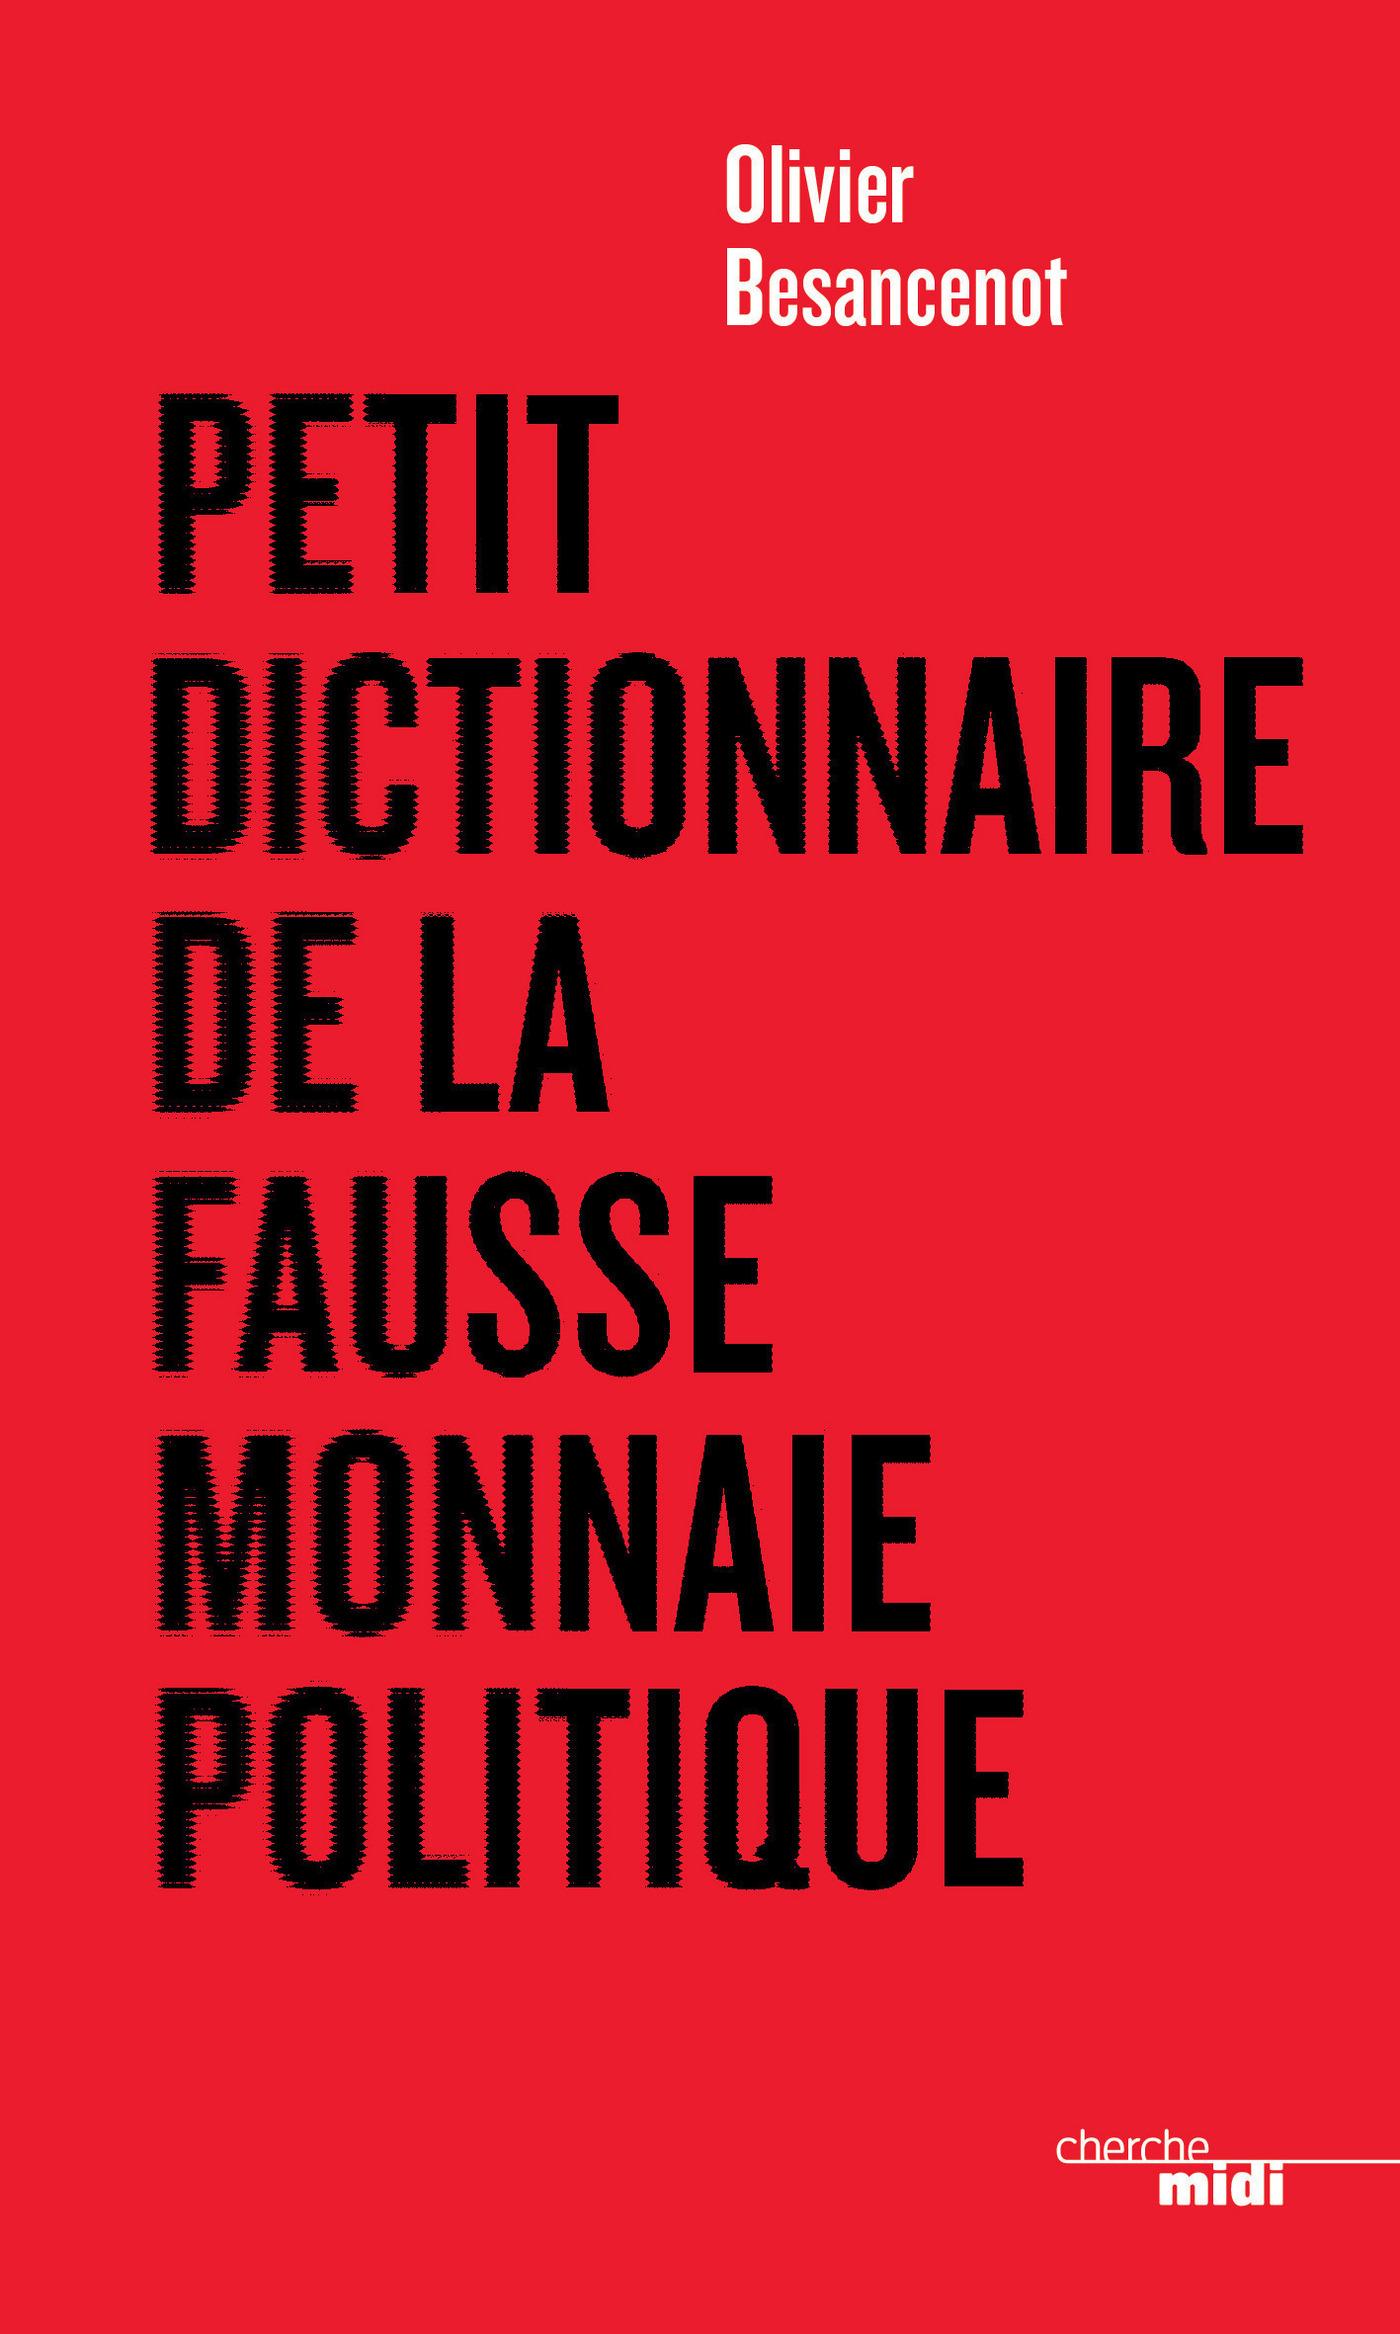 Petit dictionnaire de la fausse monnaie politique (ebook)